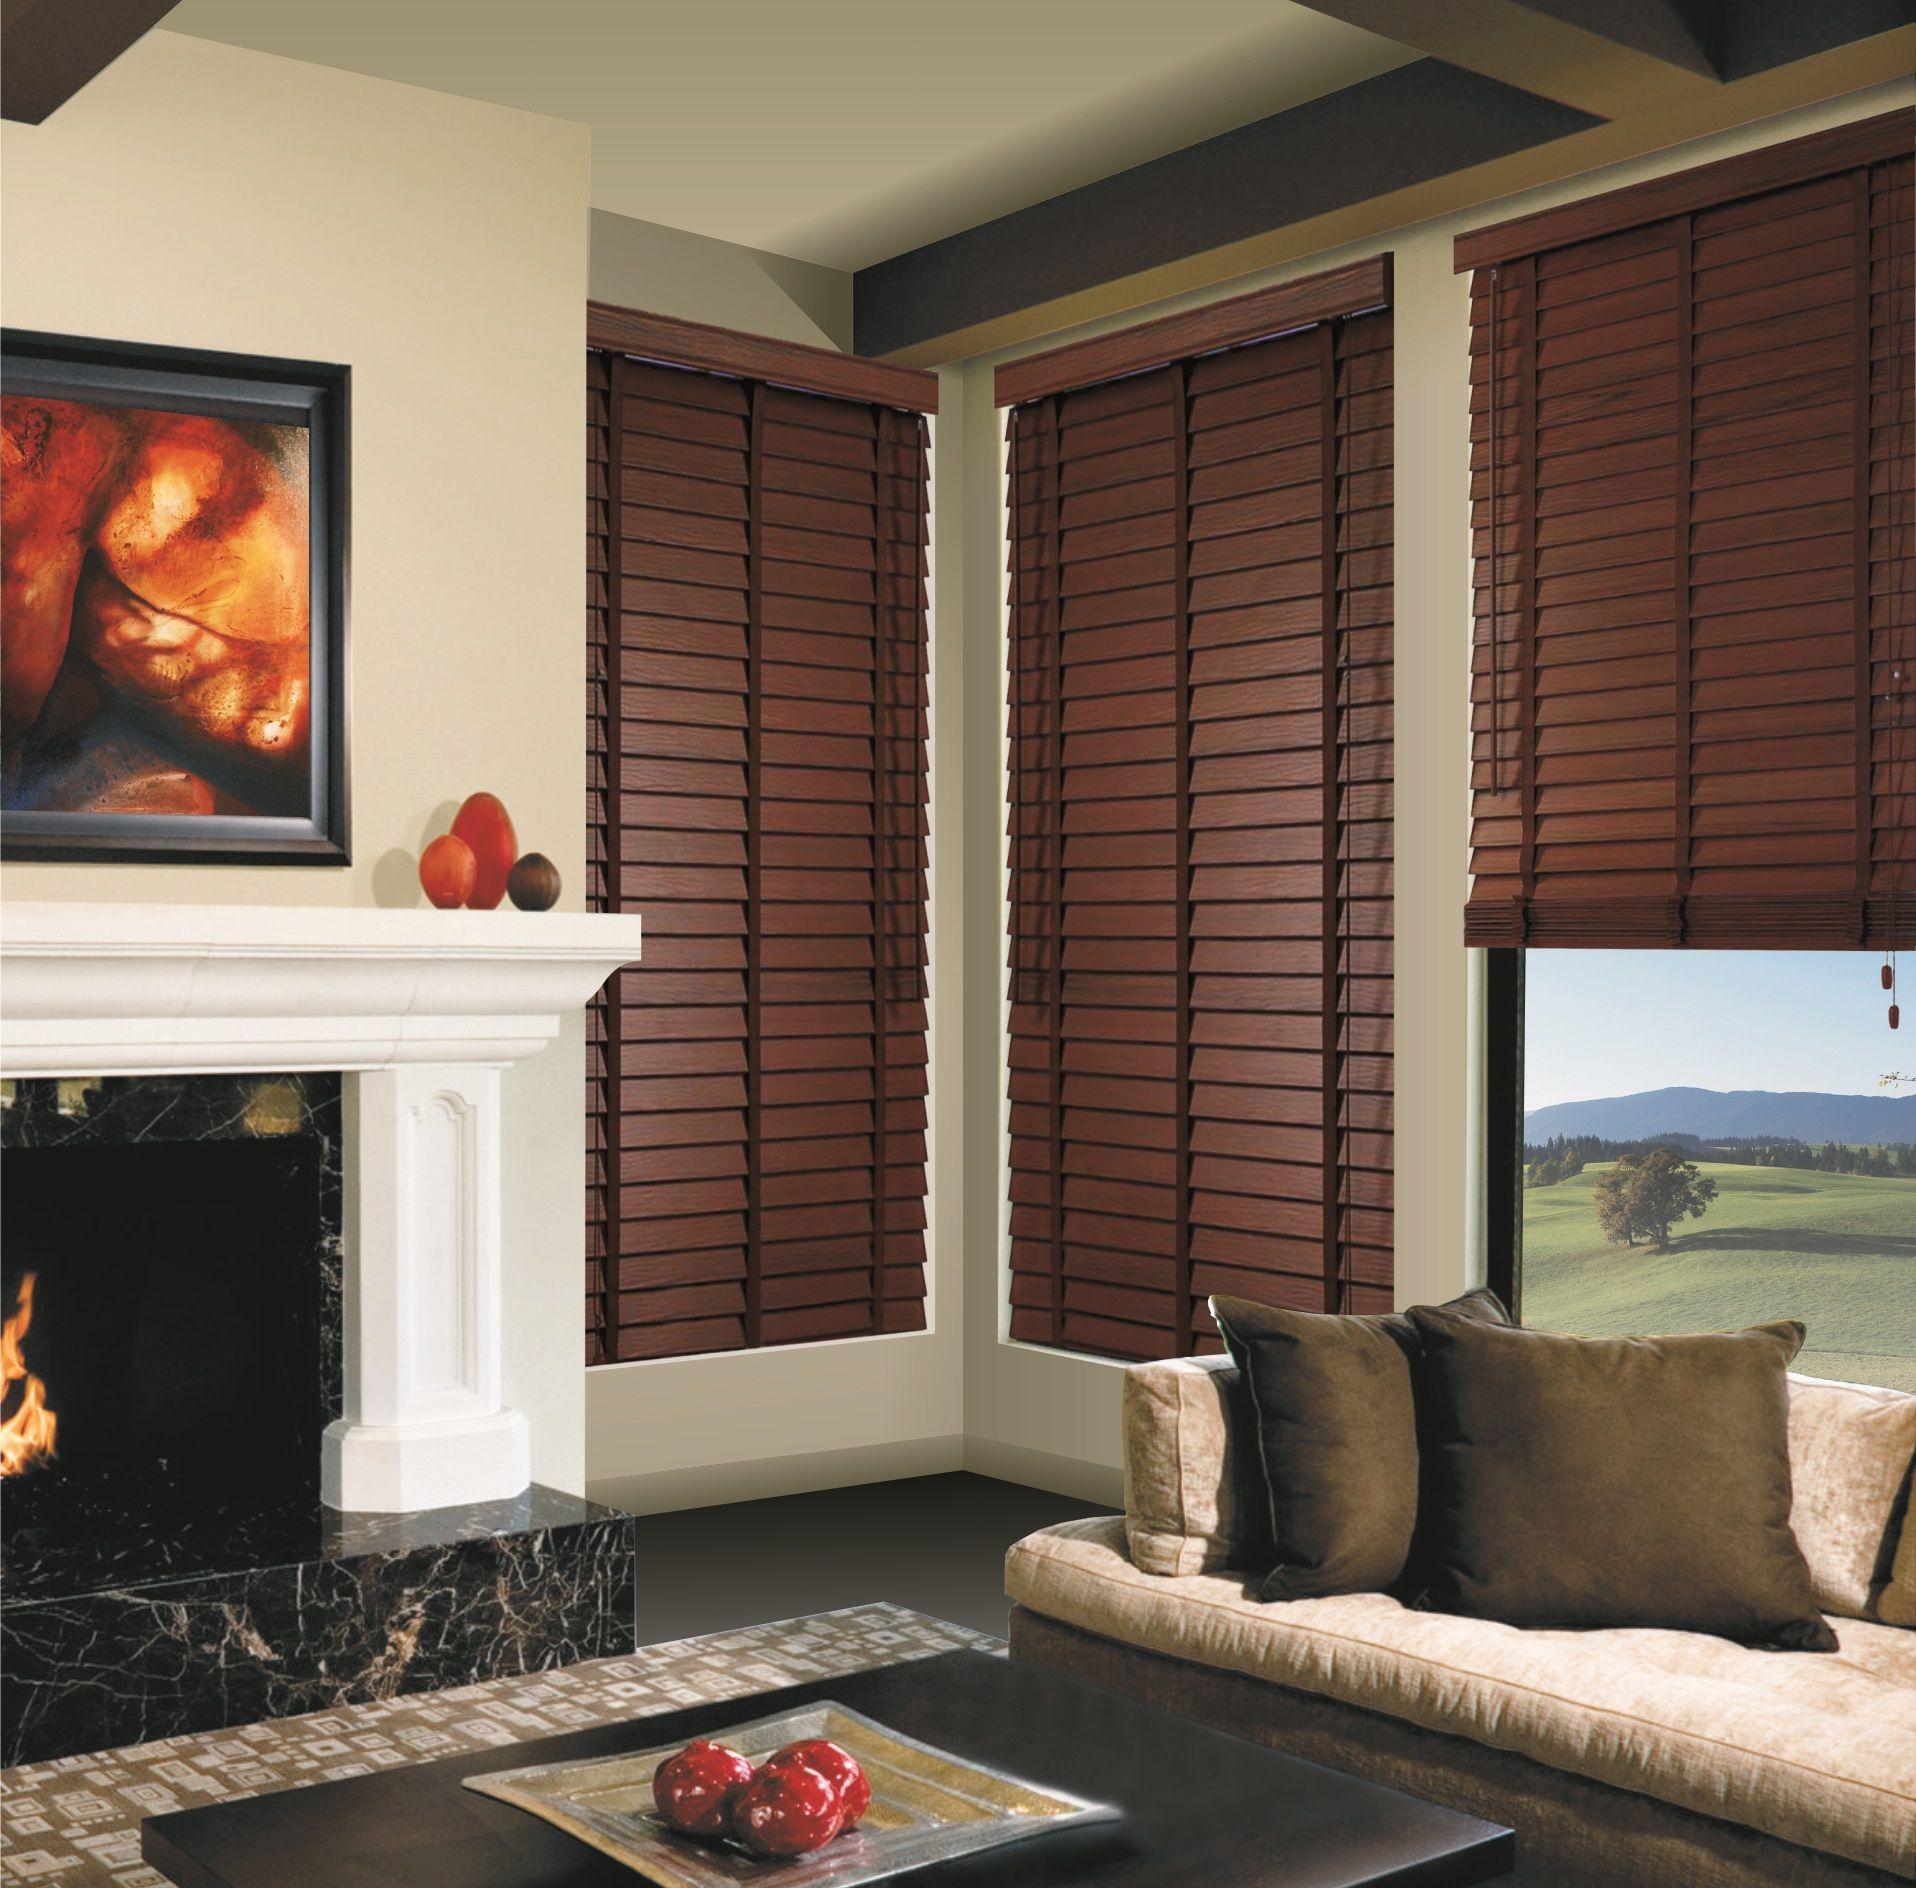 Un toque de naturaleza a tu hogar con persianas en madera for Ventanas con persianas incorporadas